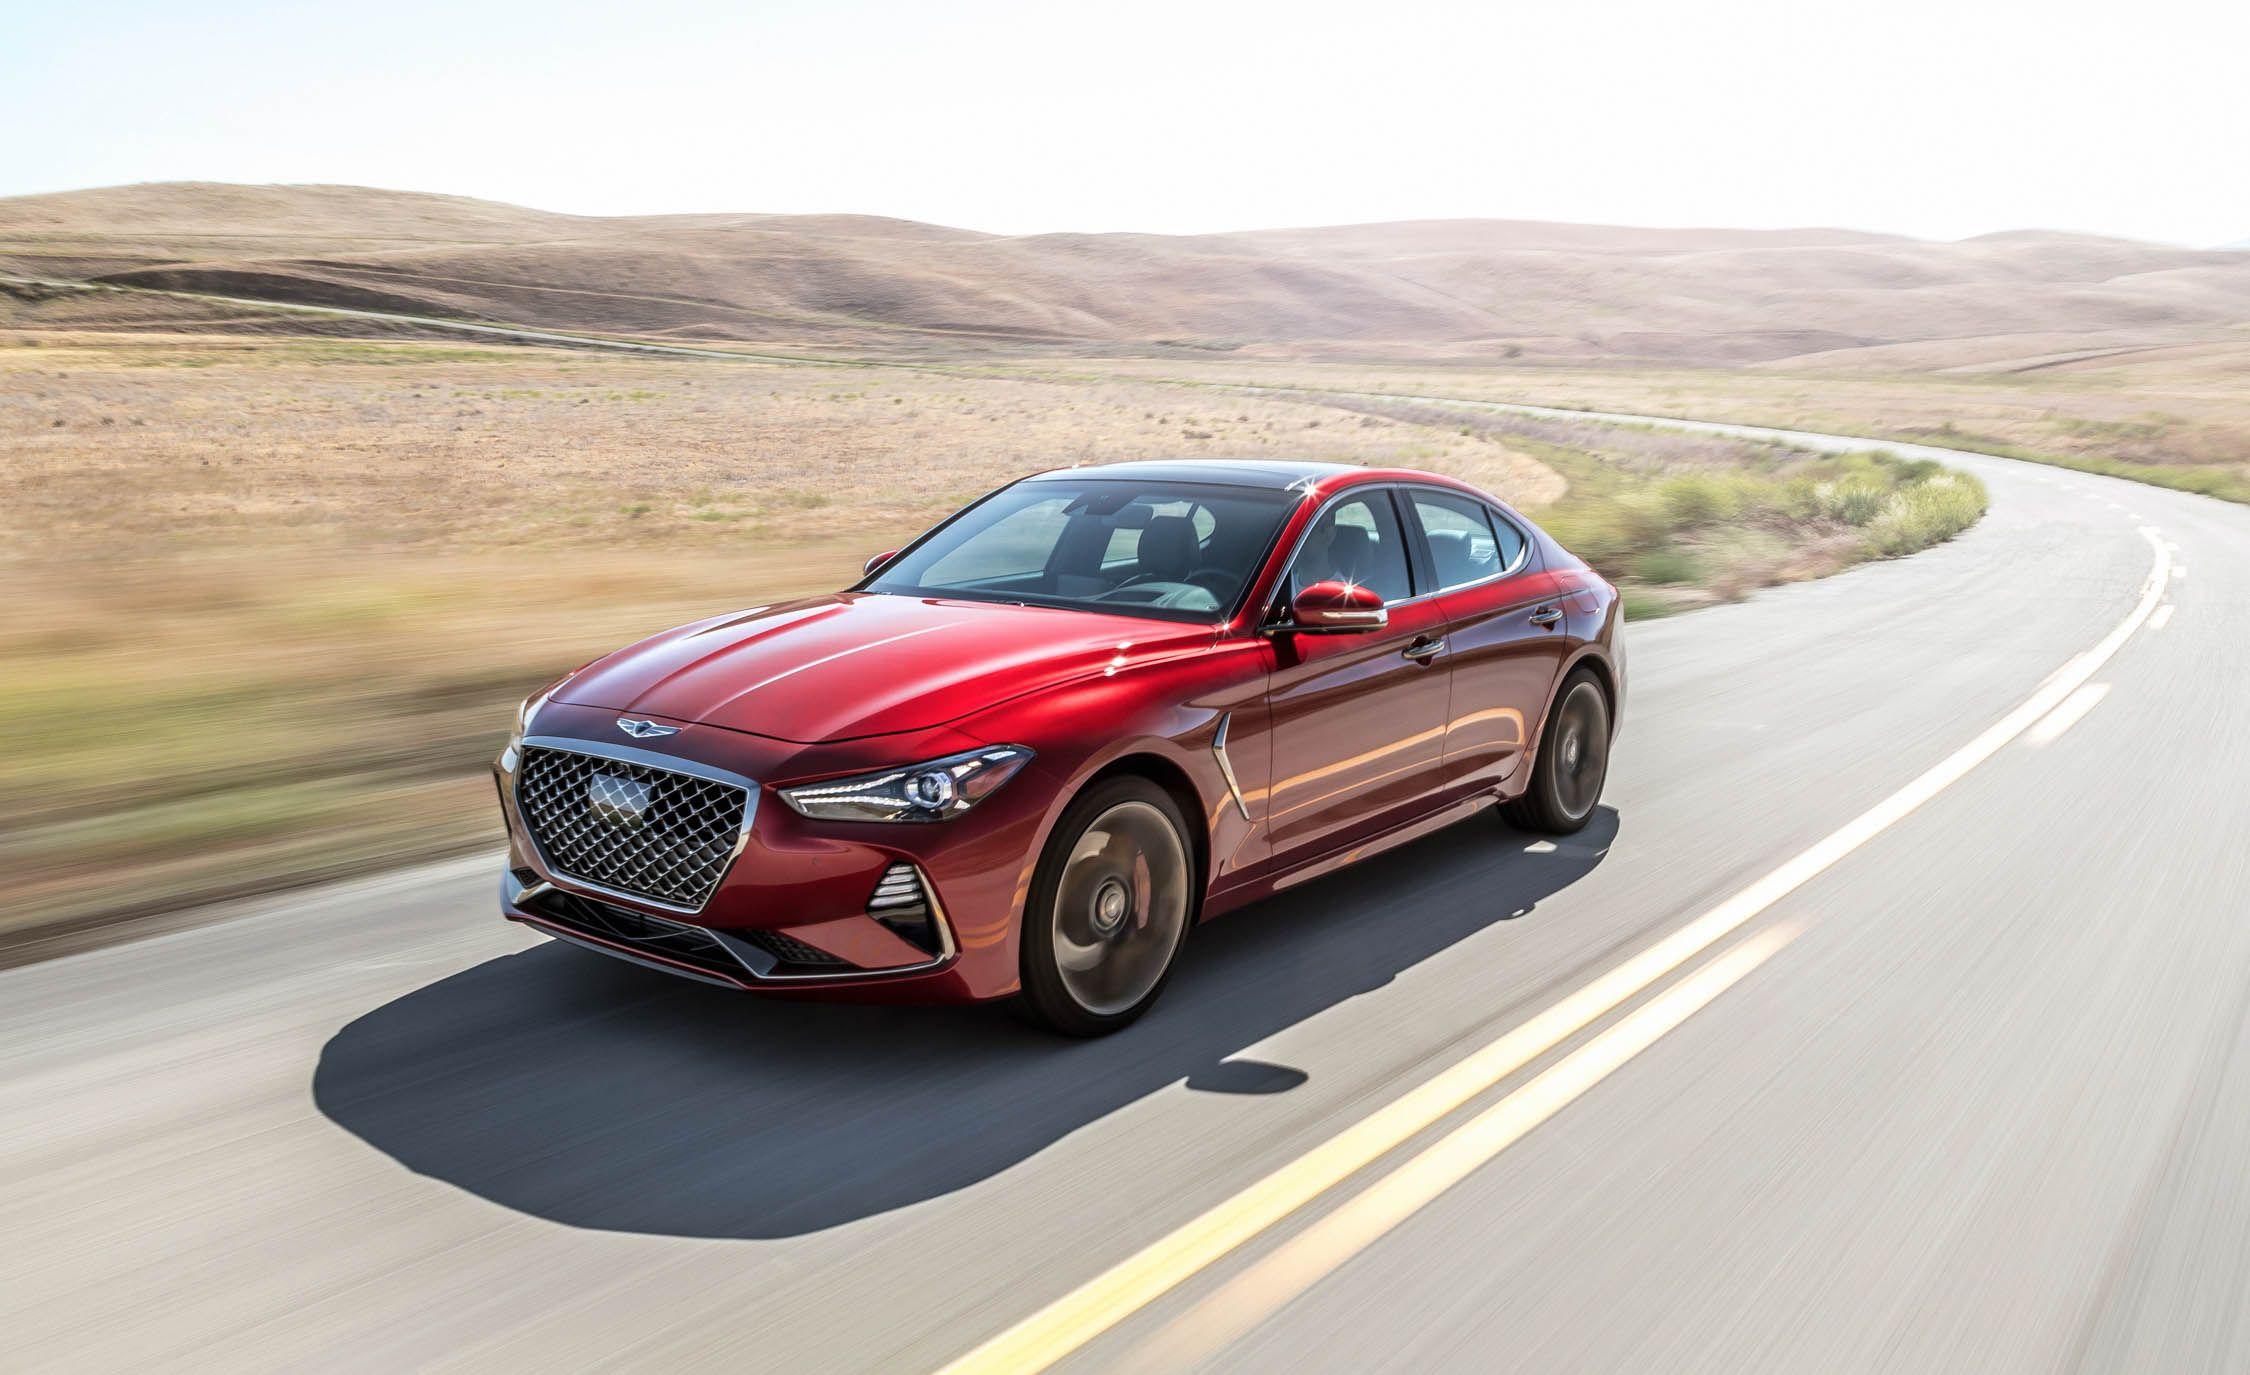 2019 Hyundai Genesis 3.3T in California